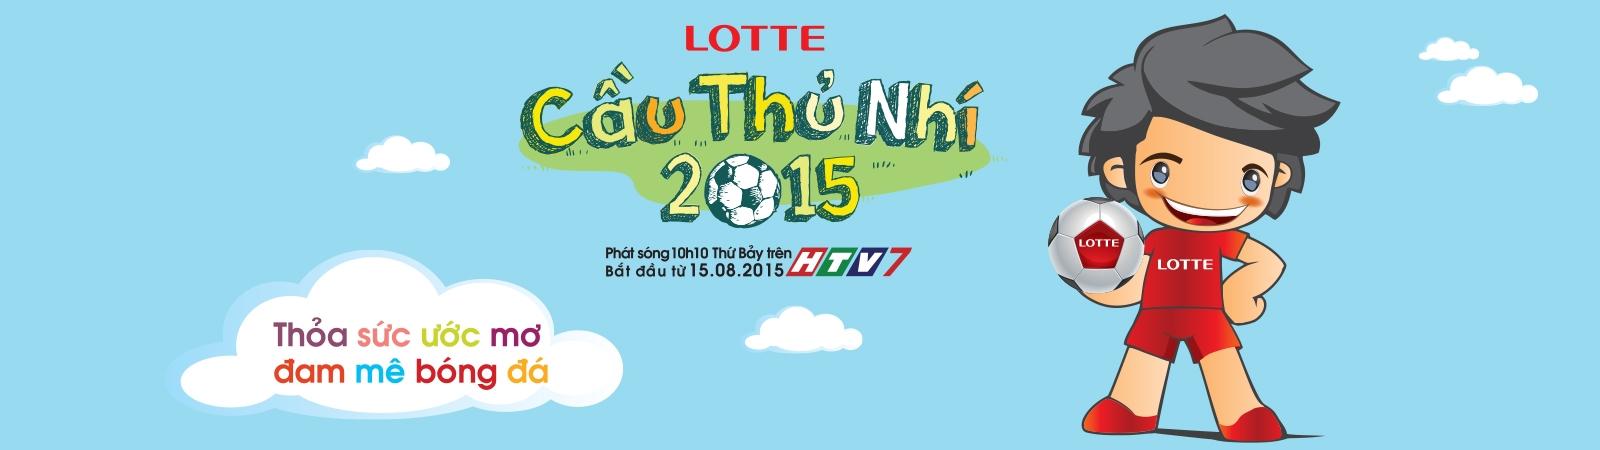 Tập 8 - Cầu Thủ Nhí 2015